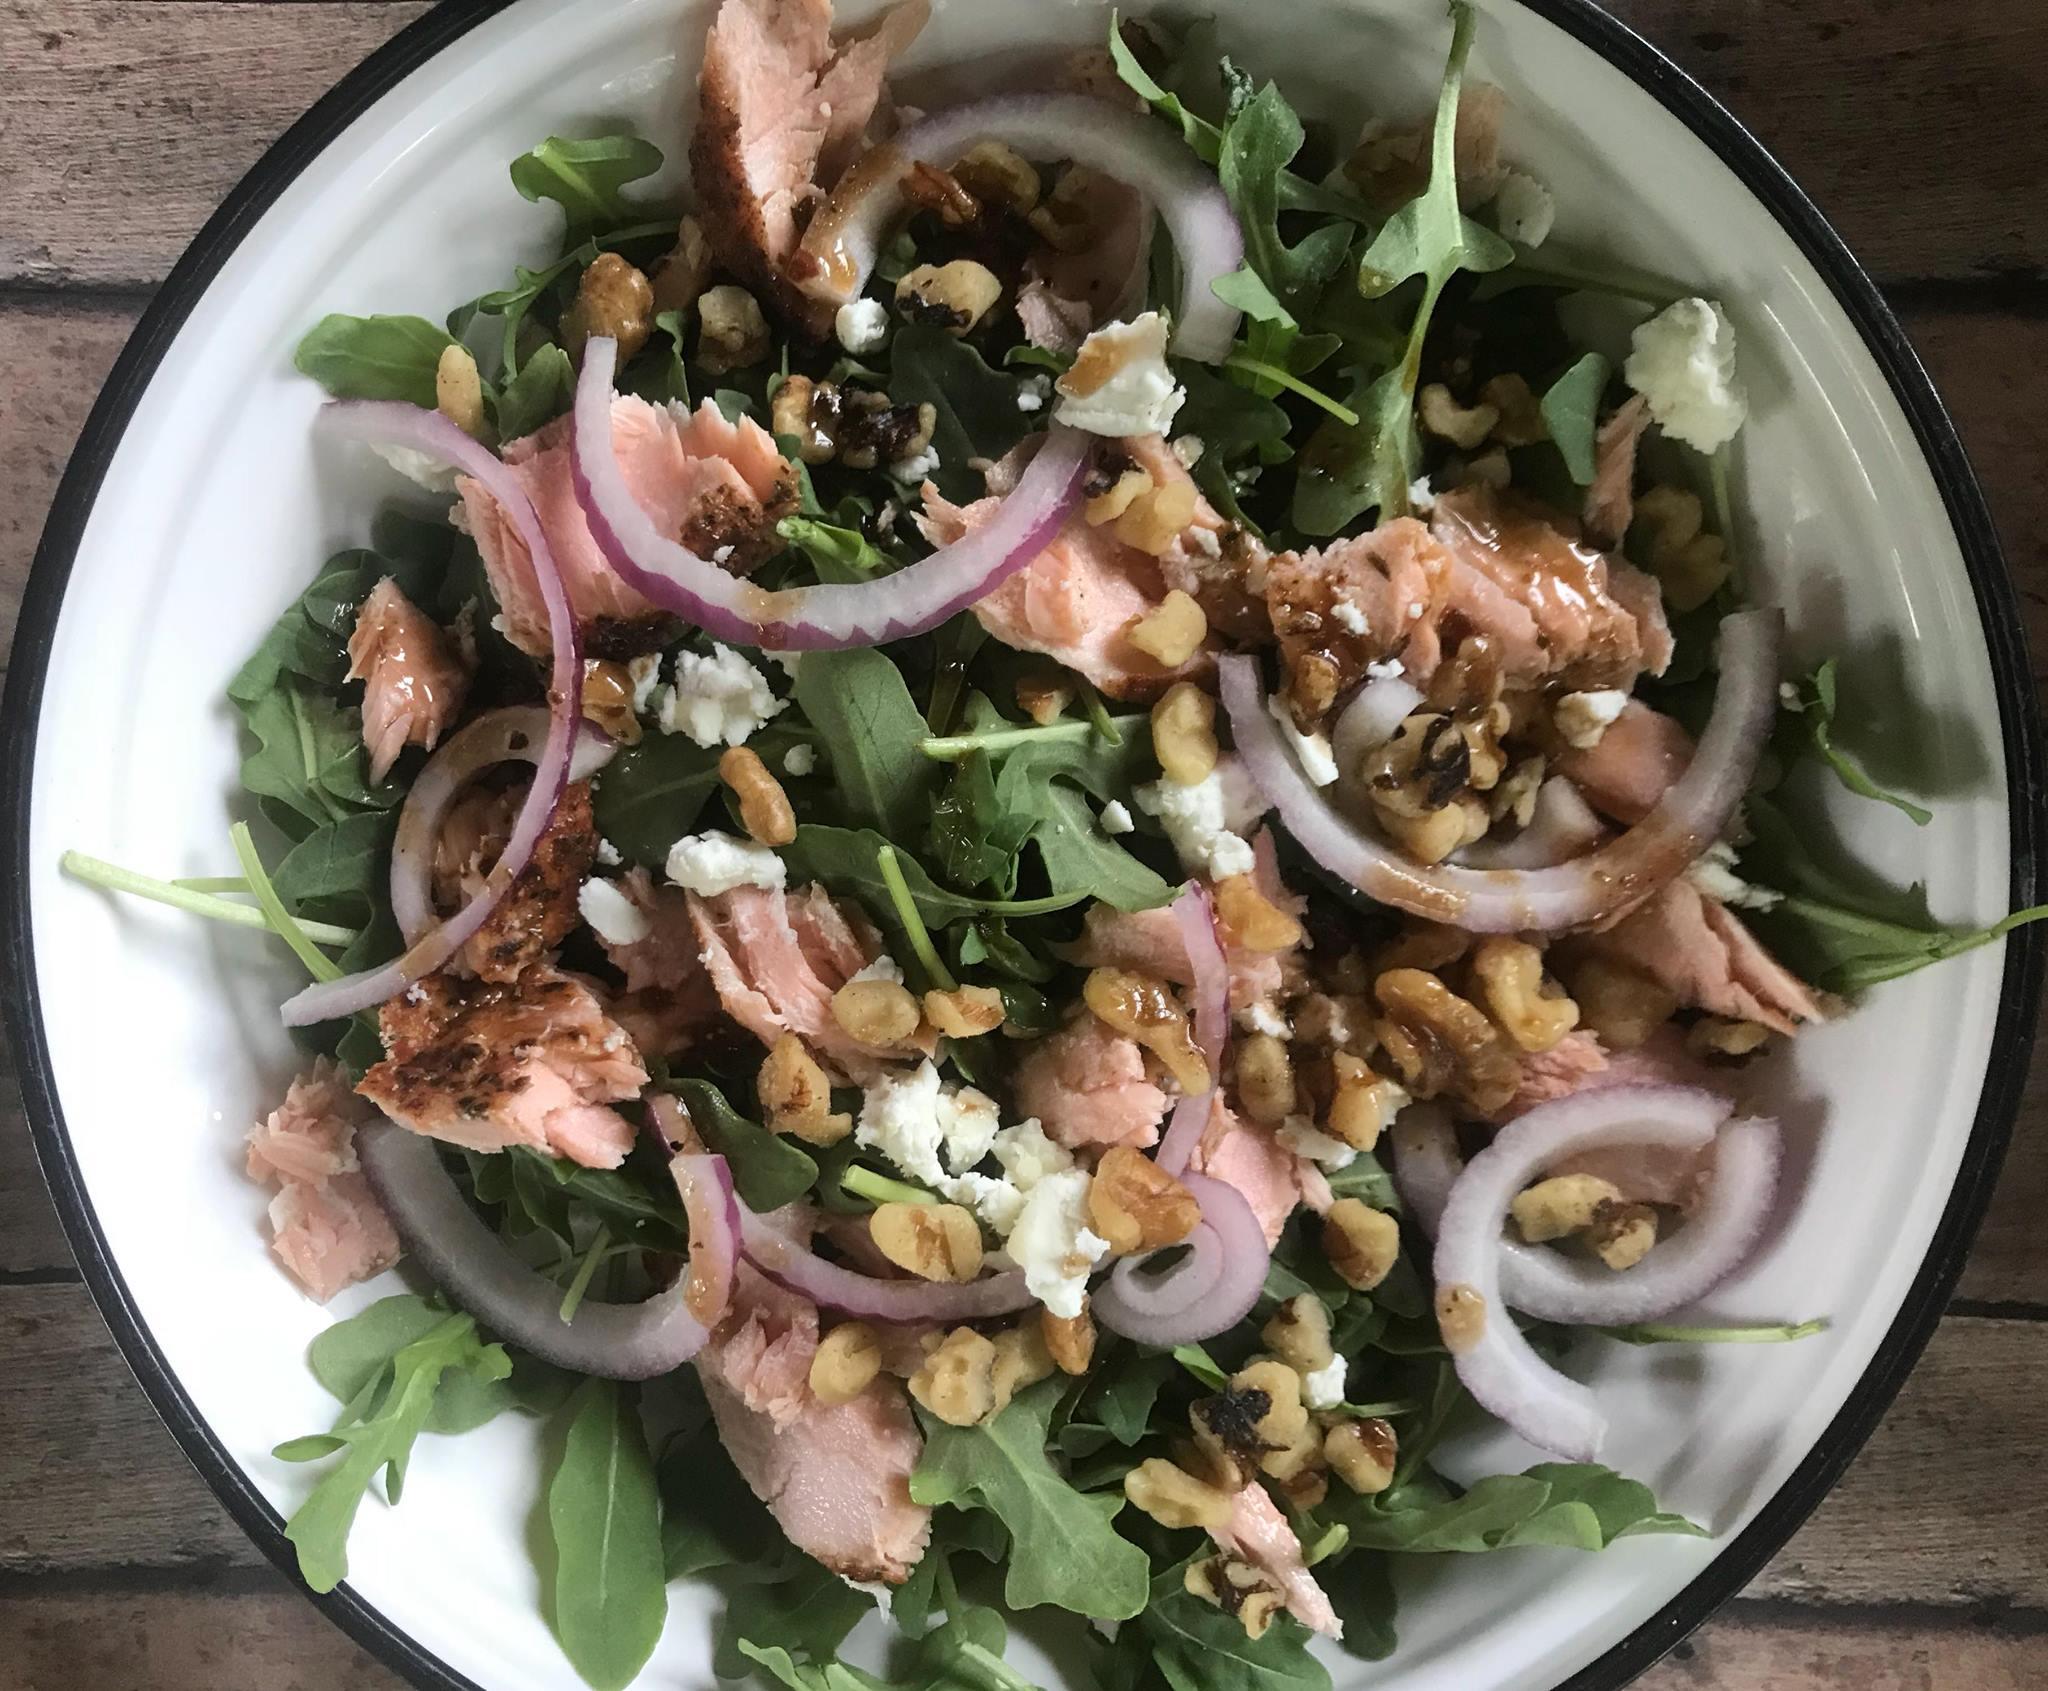 Easy, Quick Salad Recipes